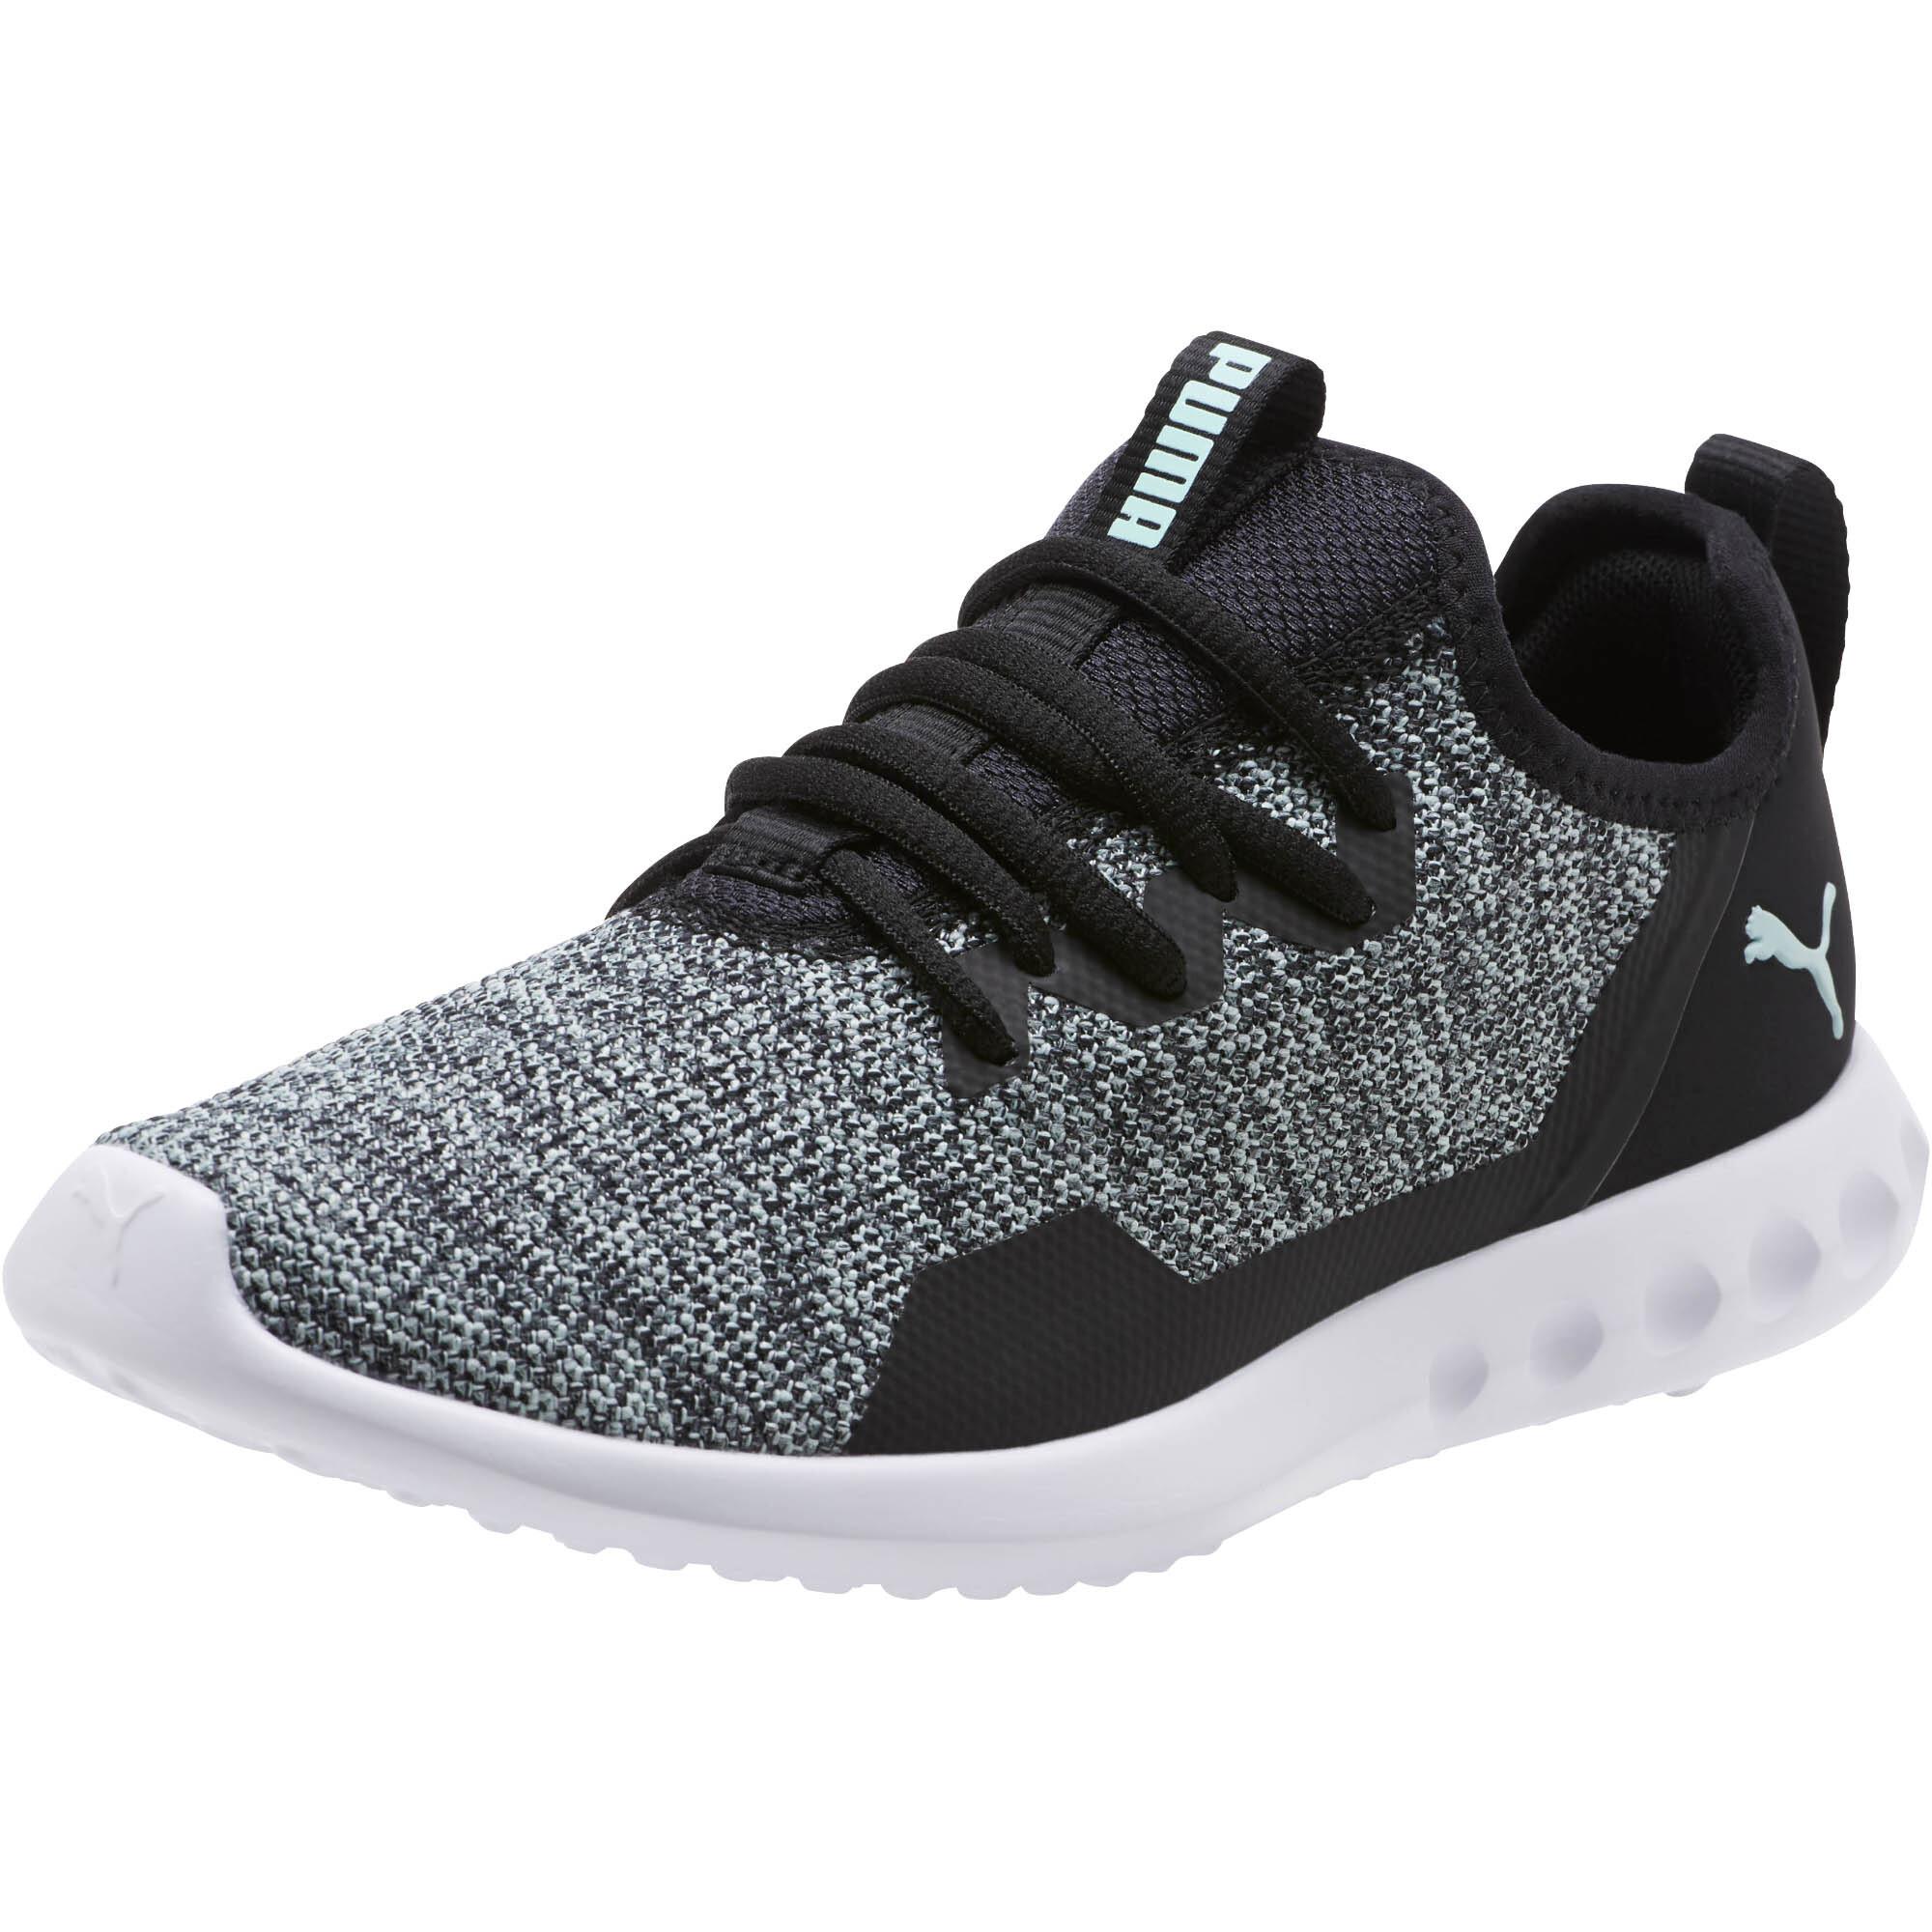 PUMA-Carson-2-X-Knit-Women-s-Running-Shoes-Women-Shoe-Running thumbnail 11